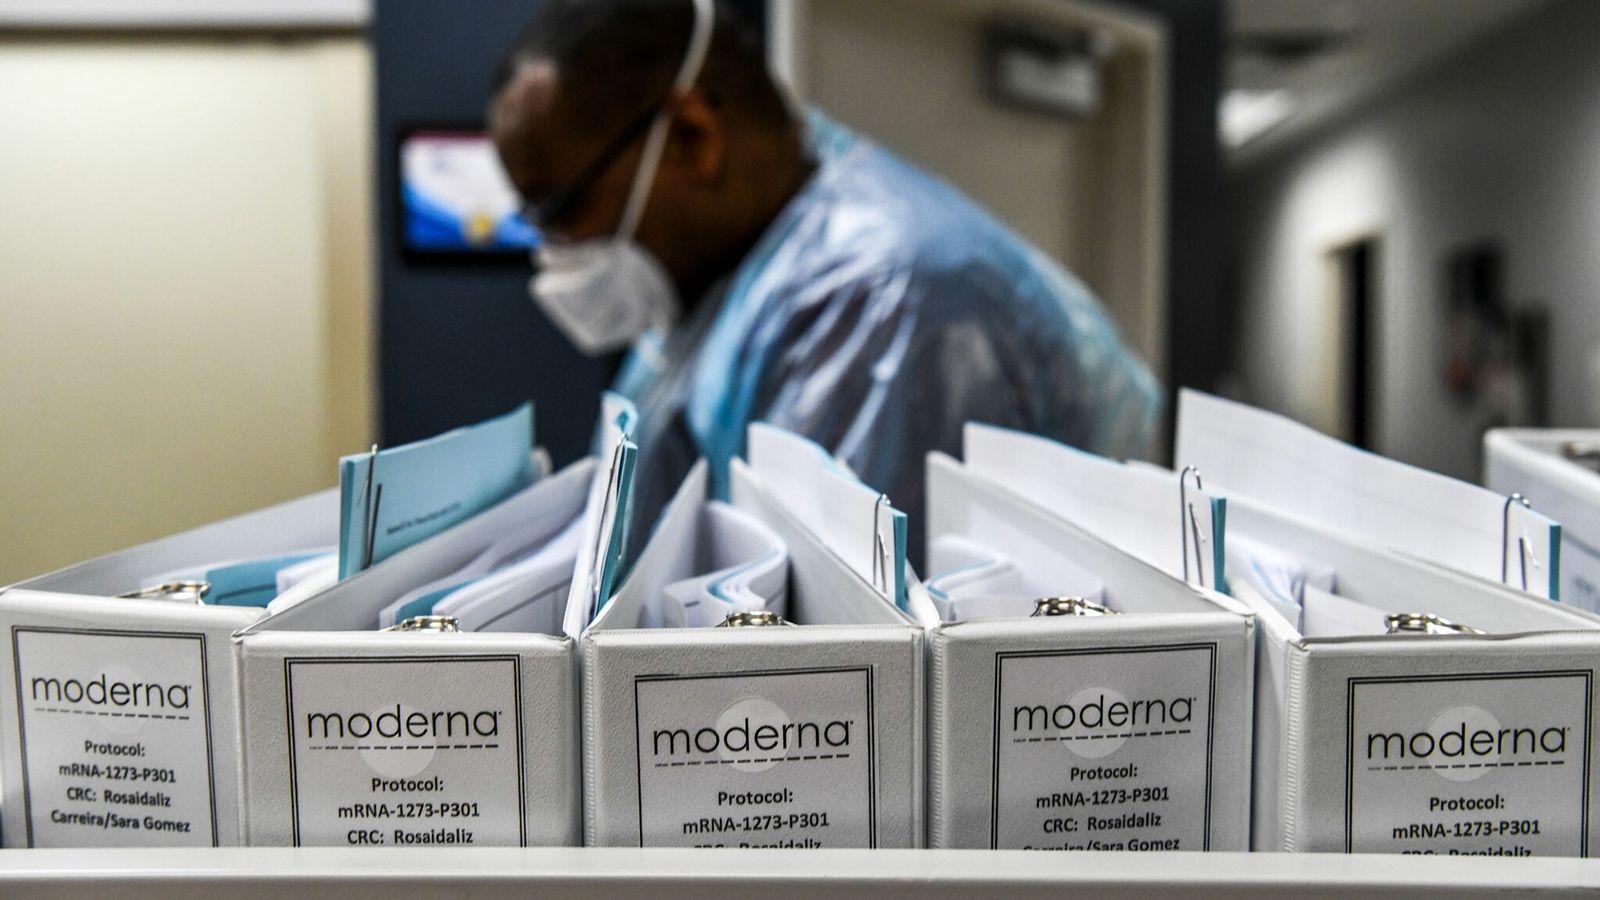 Arquivos da empresa de biotecnologia Moderna referentes ao protocolo para as vacinas contra covid-19 são armazenados ...